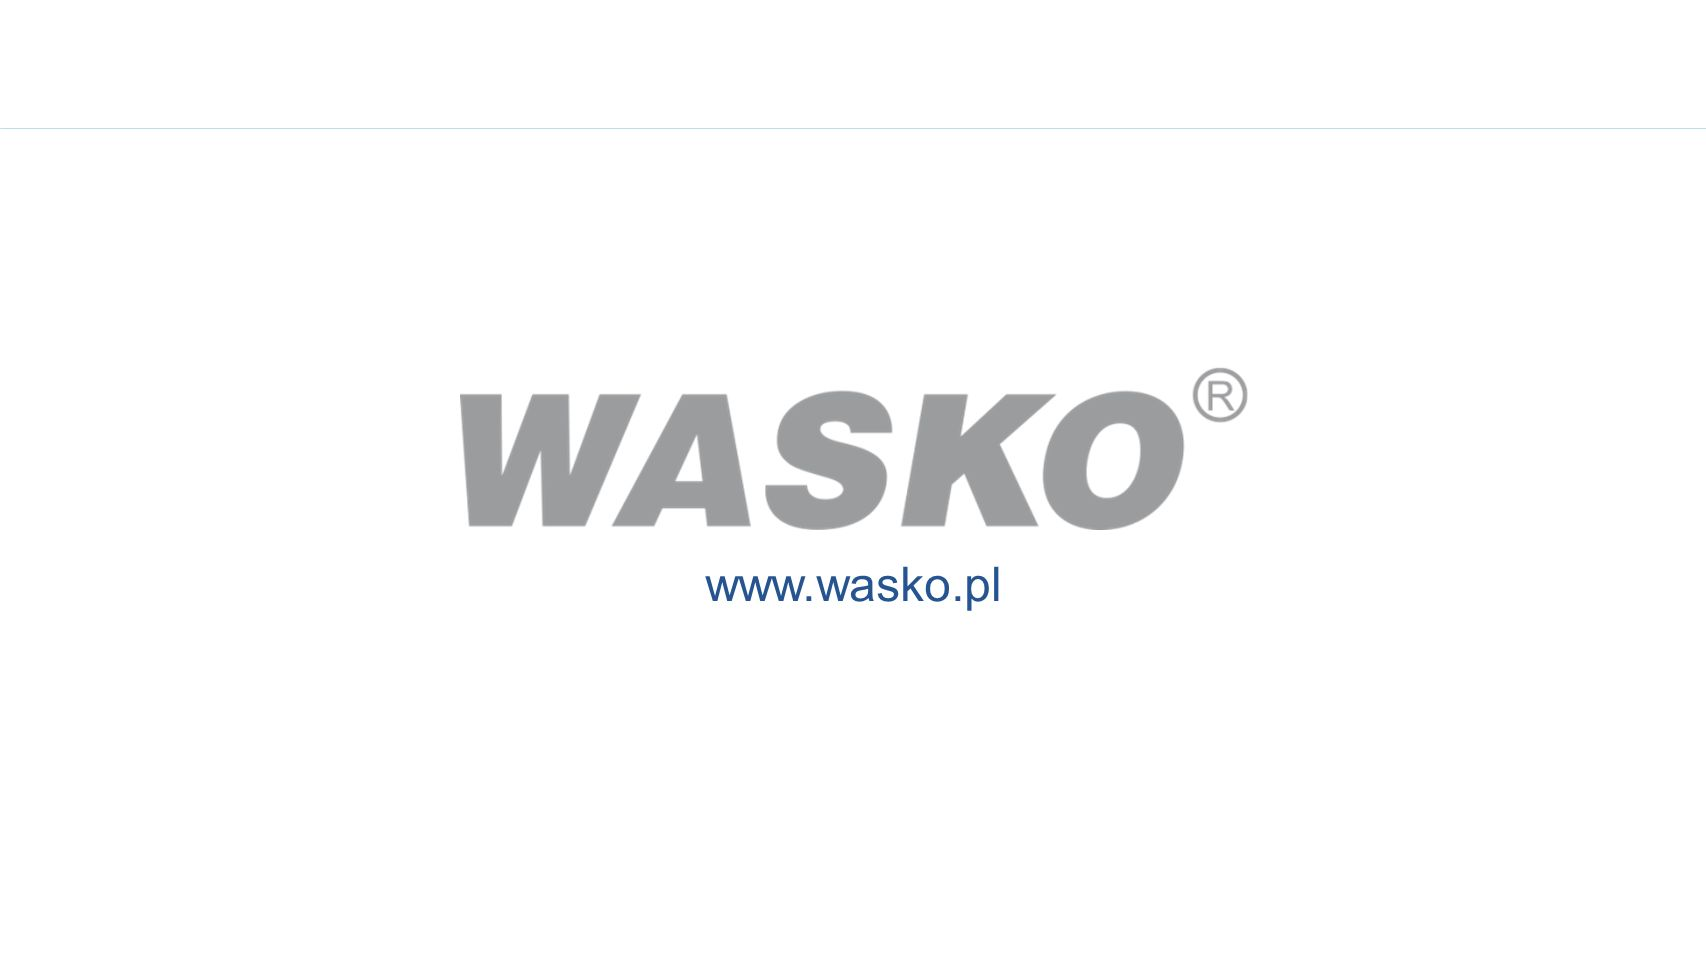 www.wasko.pl